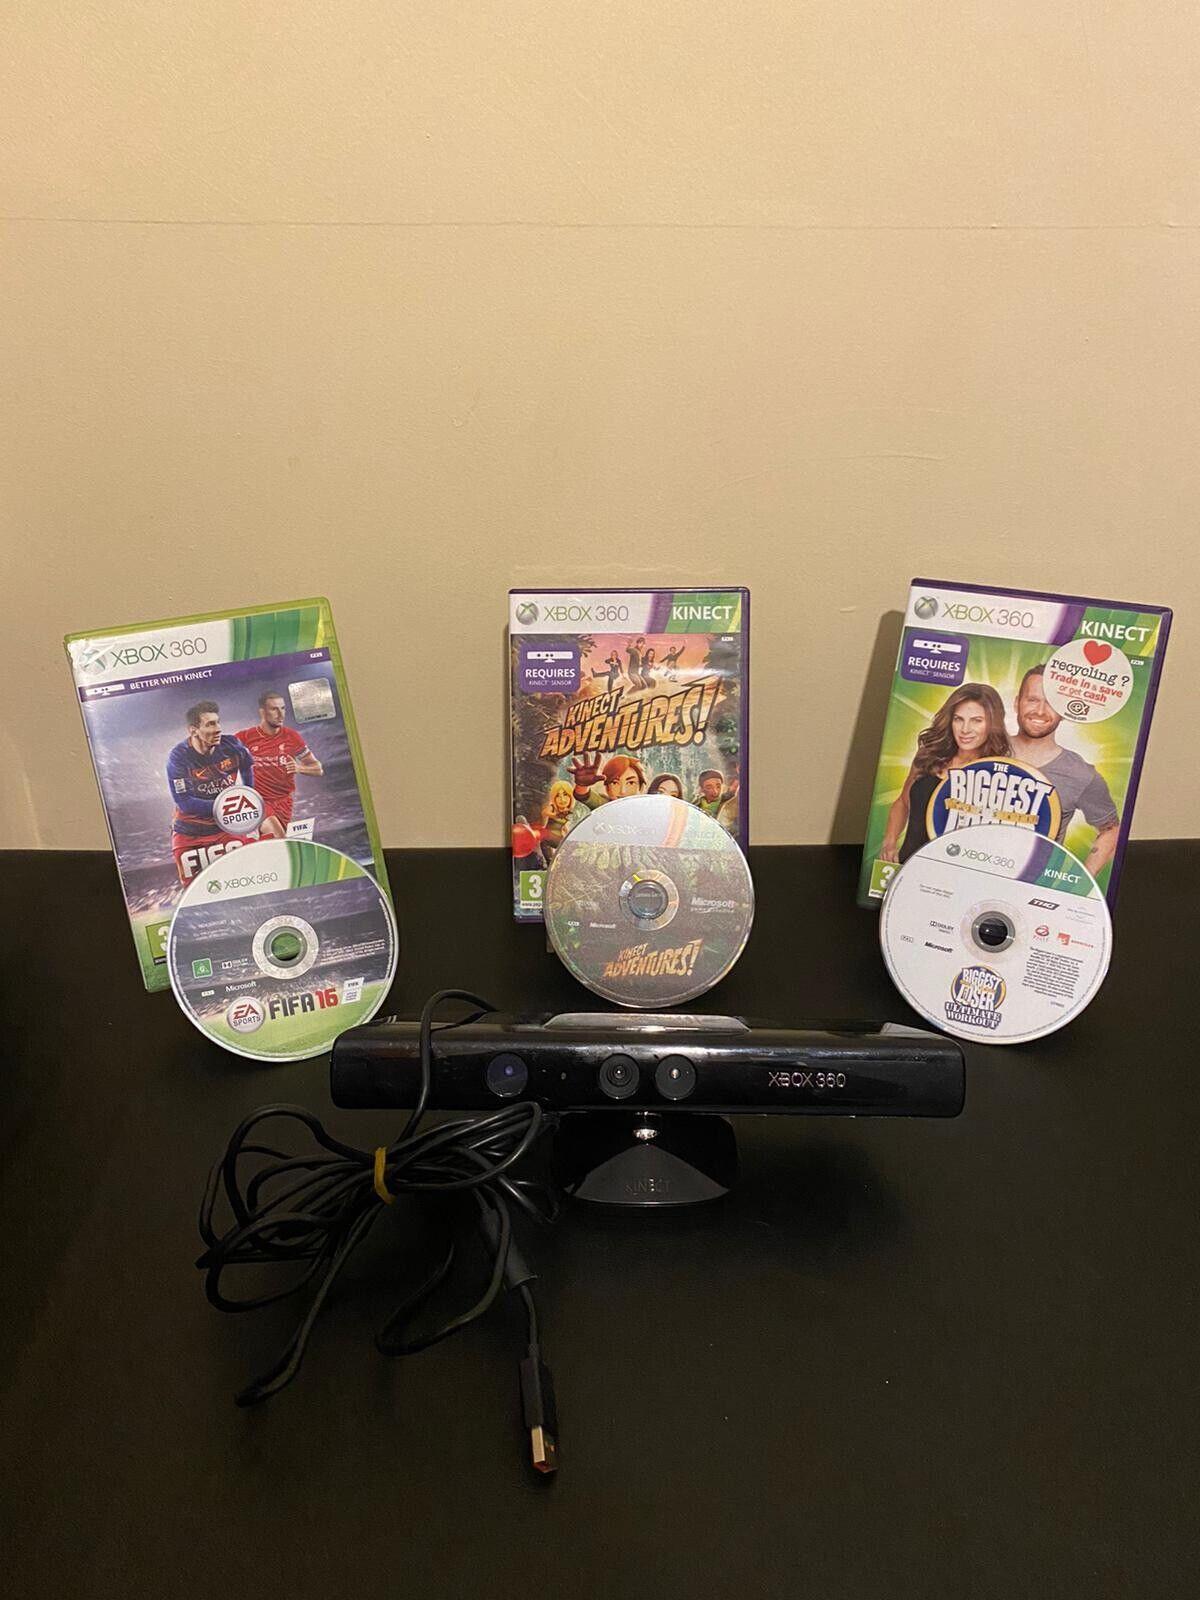 Xbox 360 Kinect Sensor + 3 Games Bundle/ Job lot Tested And Working